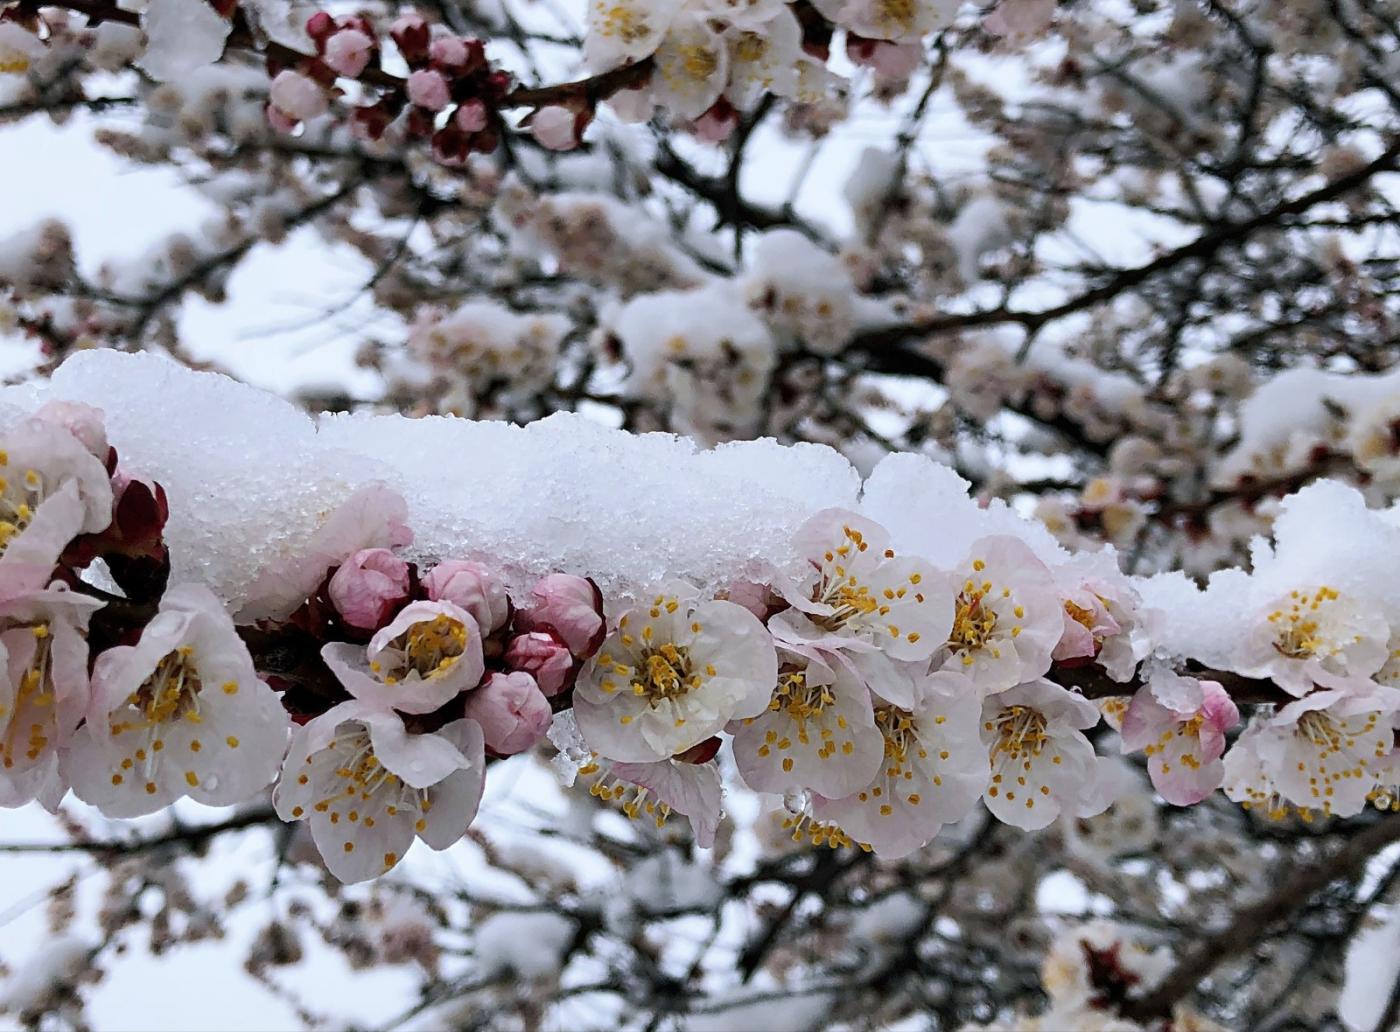 【田螺手机摄影】今早下雪去拍梅花_图1-8